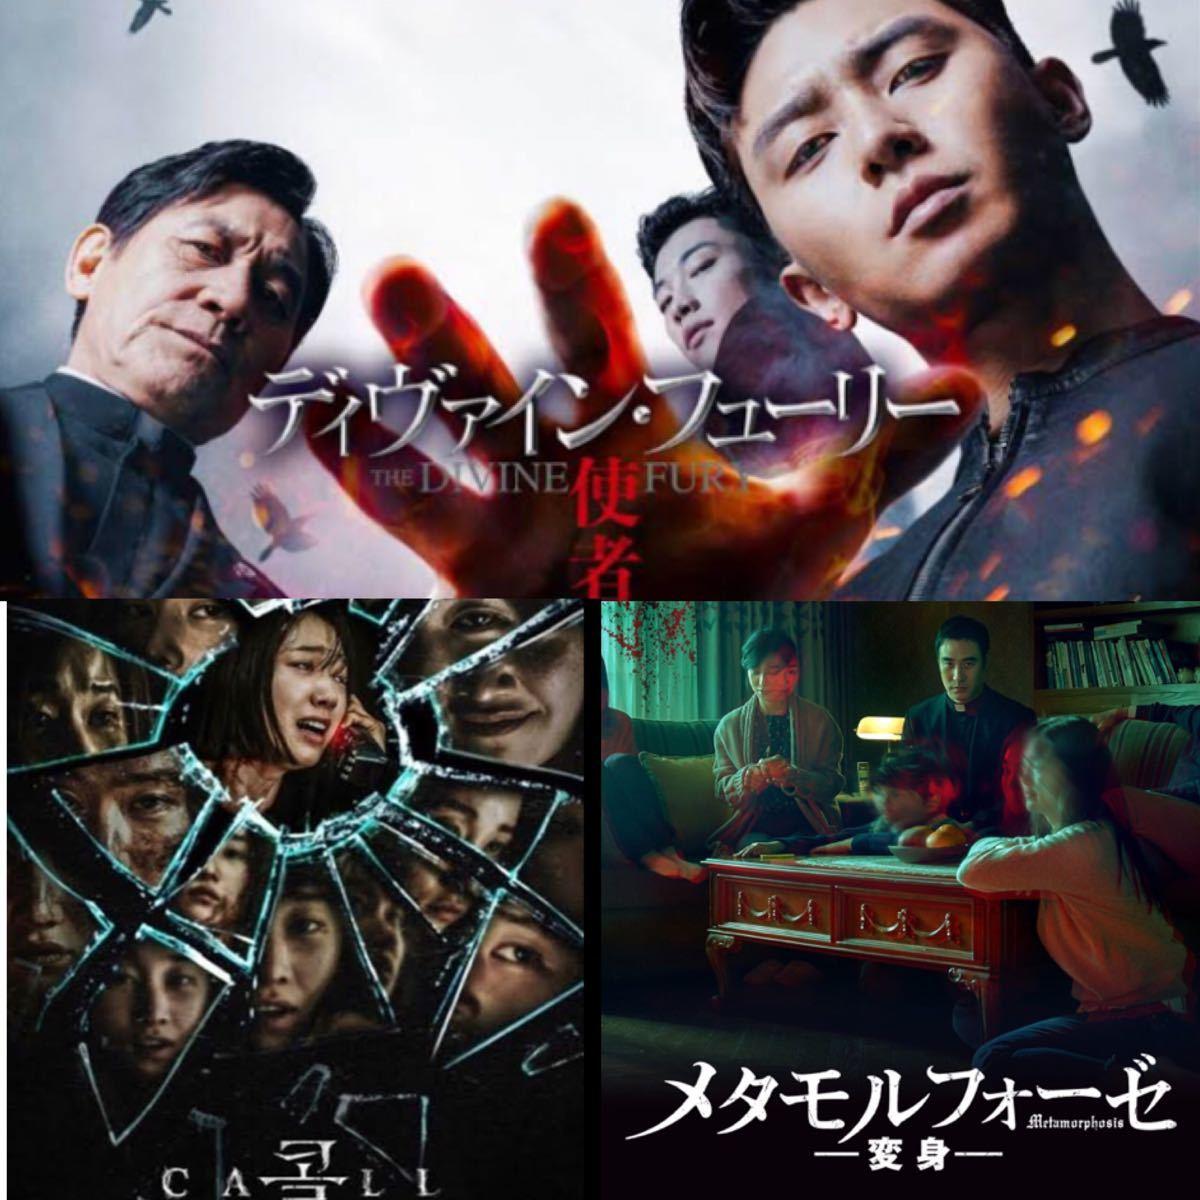 韓国映画  DVD  3点セット  レーベル有り  入替可能です